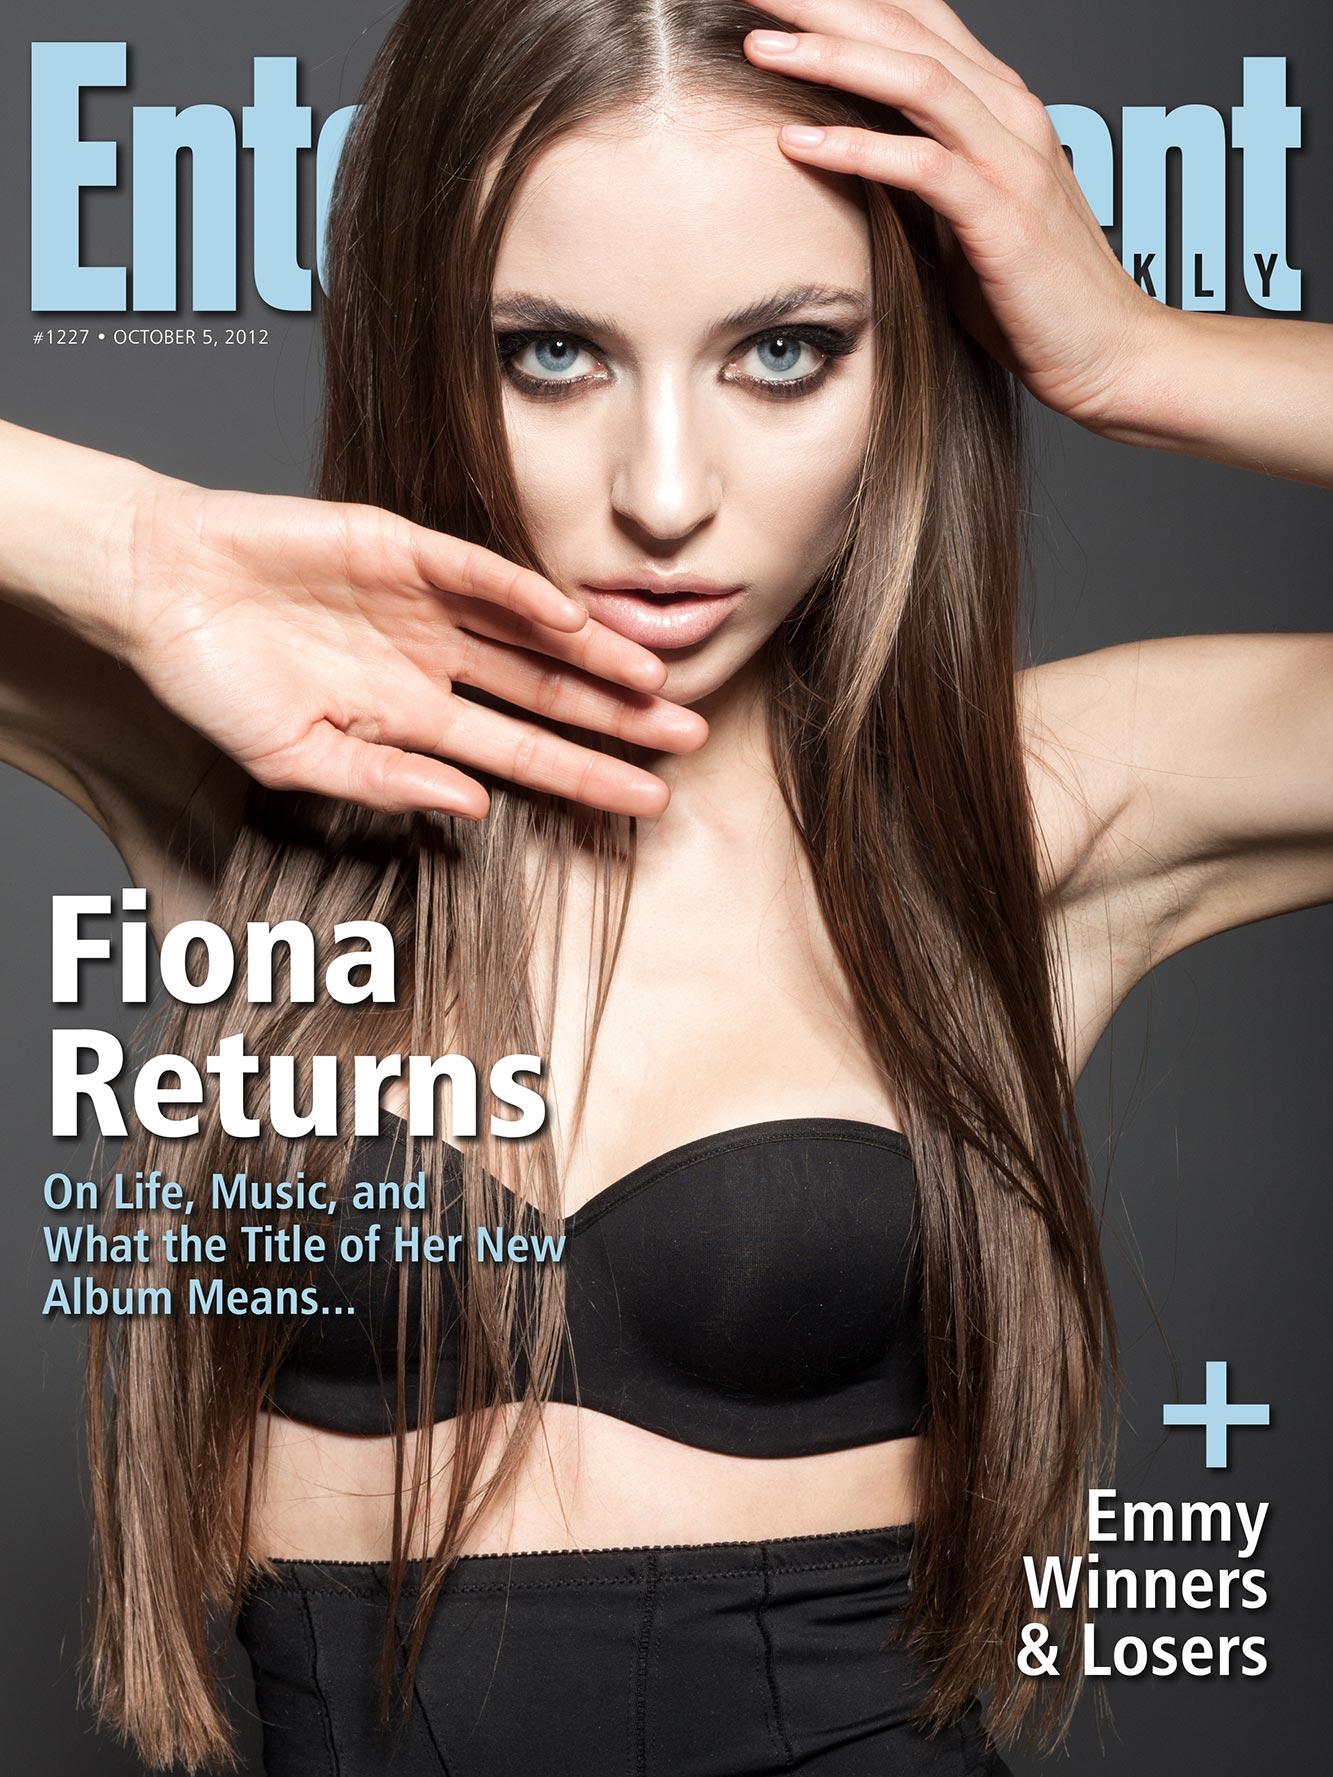 Hacks fake EW covers